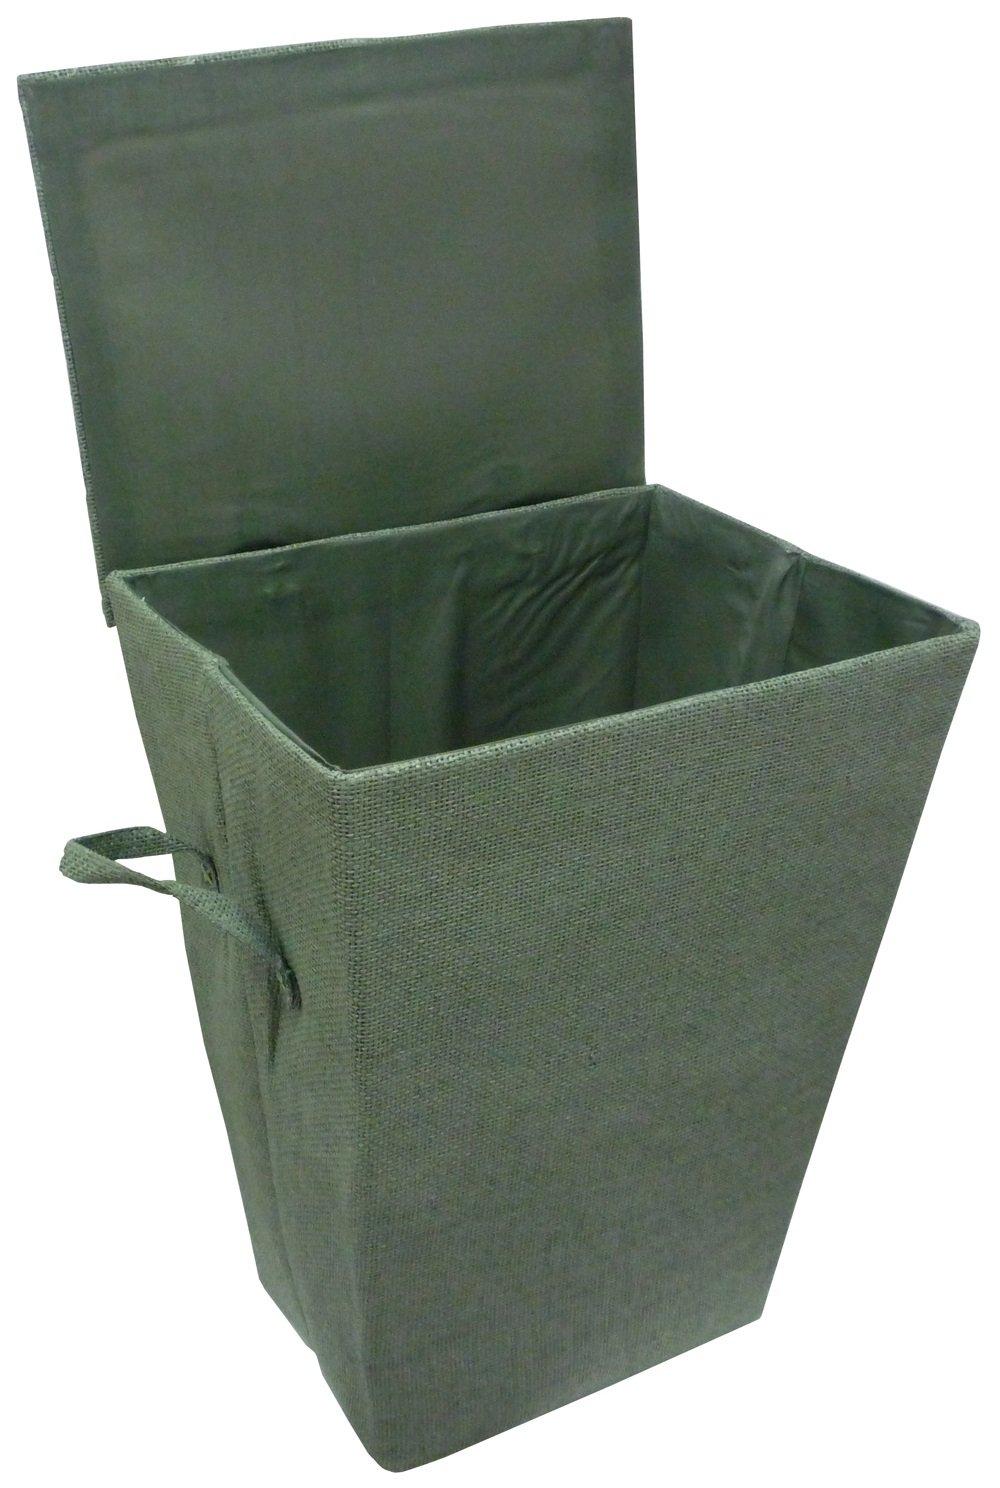 Cesta portabiancheria verde oliva per bagno lavanderia vestiti indumenti Savino Fiorenzo